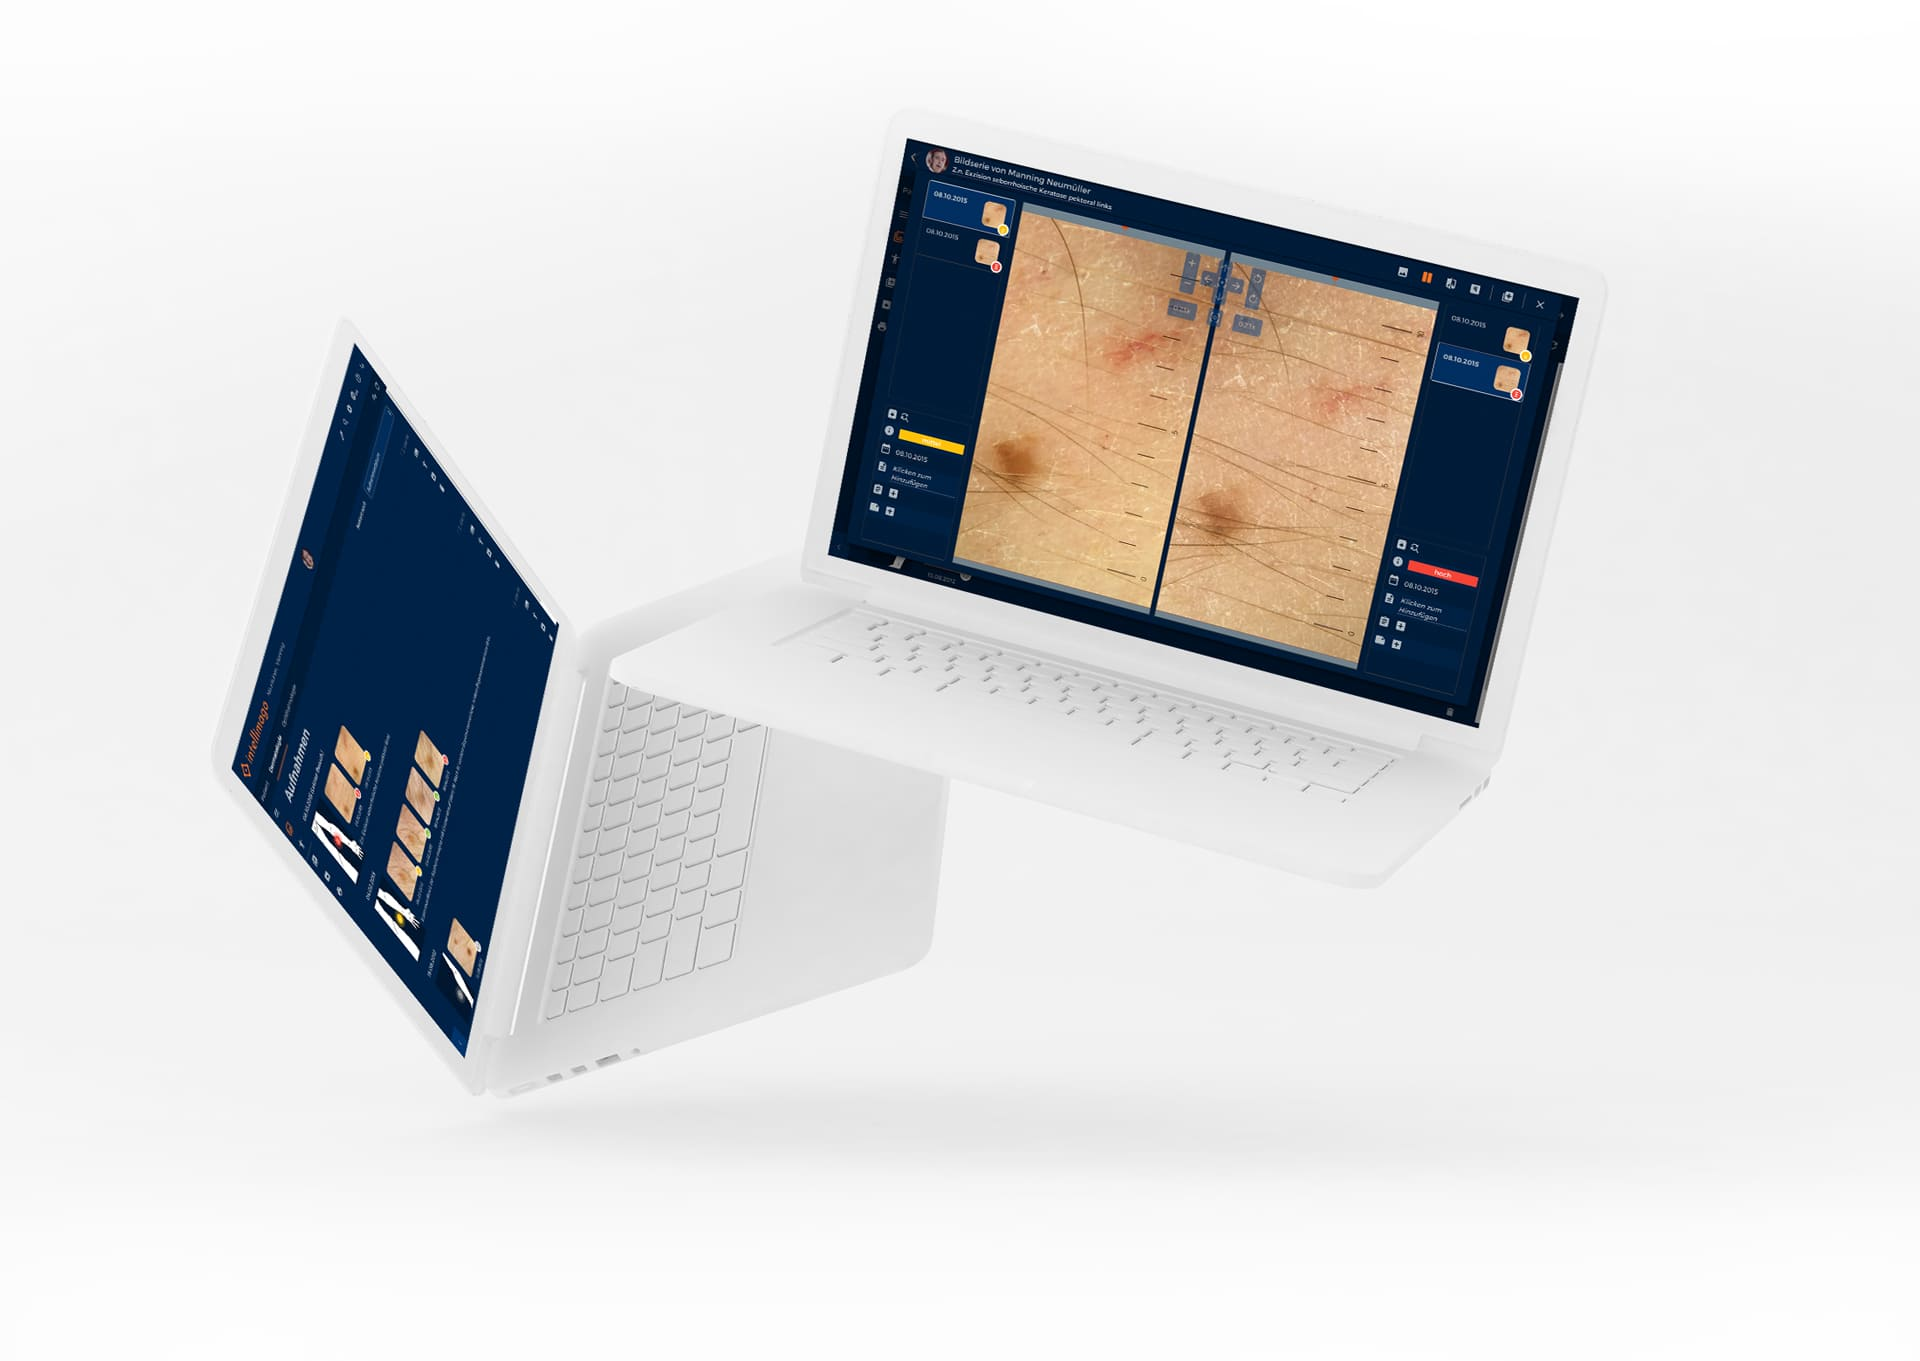 intellimago Vorschau des medizinischen Dashboard zum verwalten von Patientenbildern